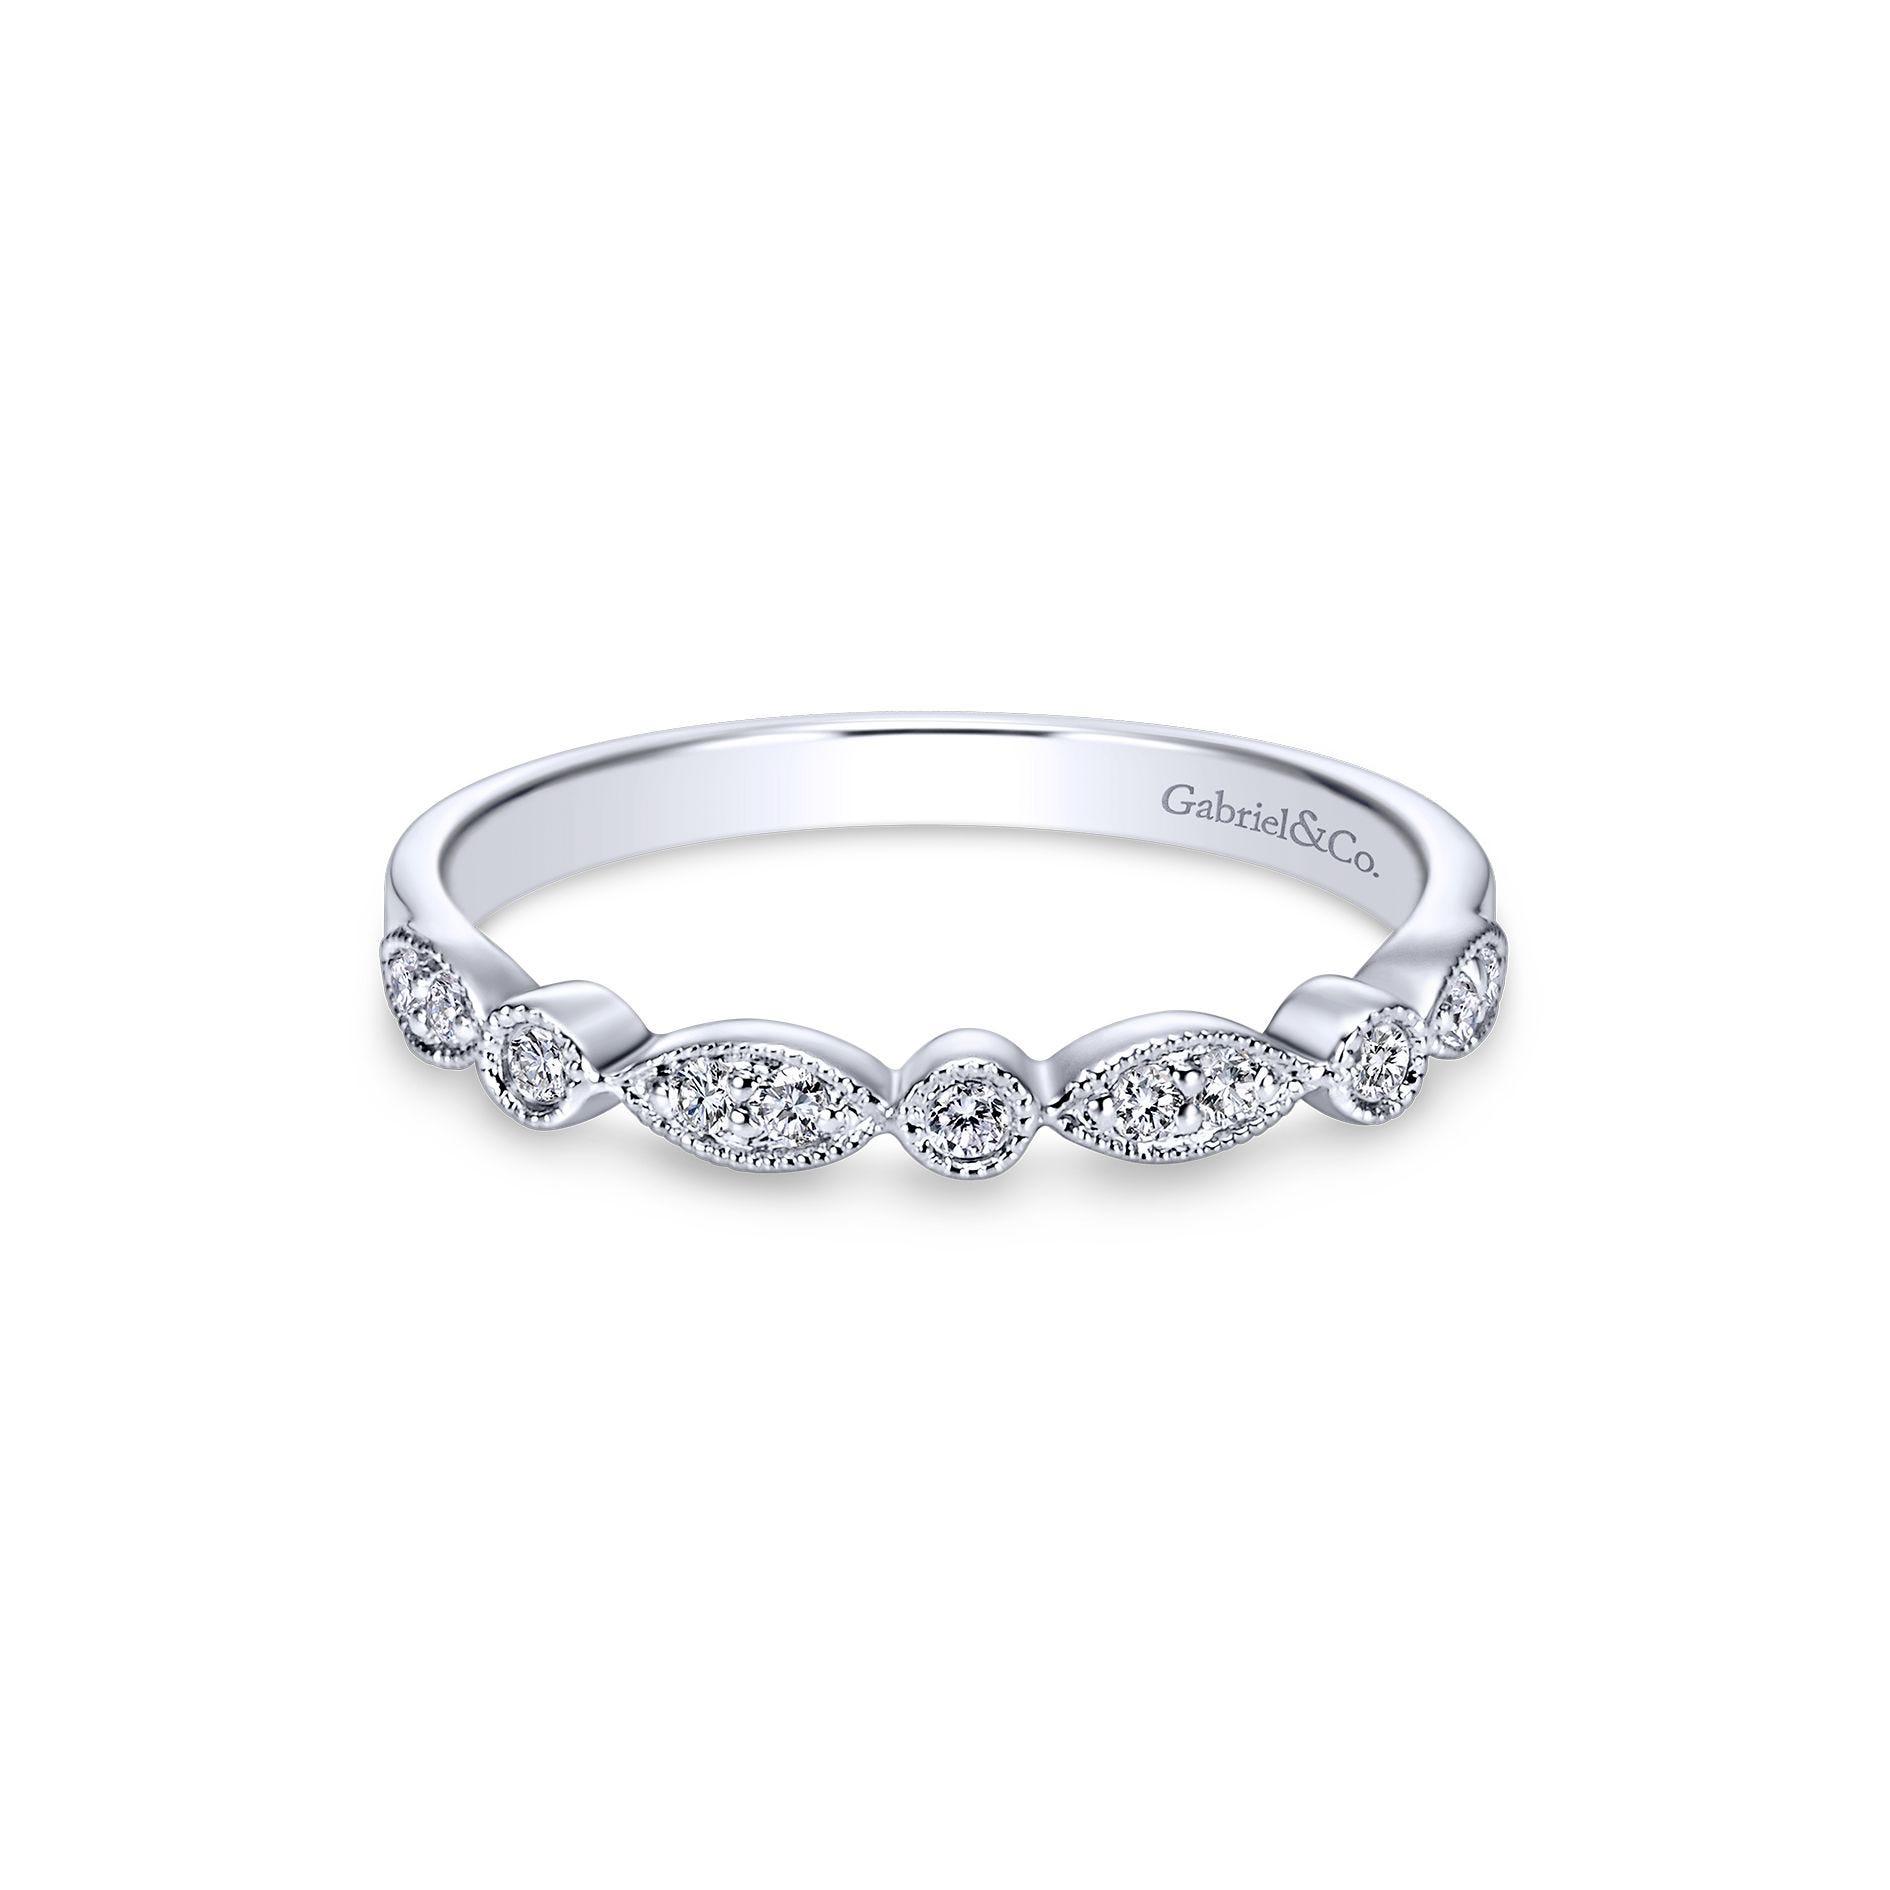 Gabriel & Co. Diamond Wedding Band in 14k White Gold WB3848W44JJ